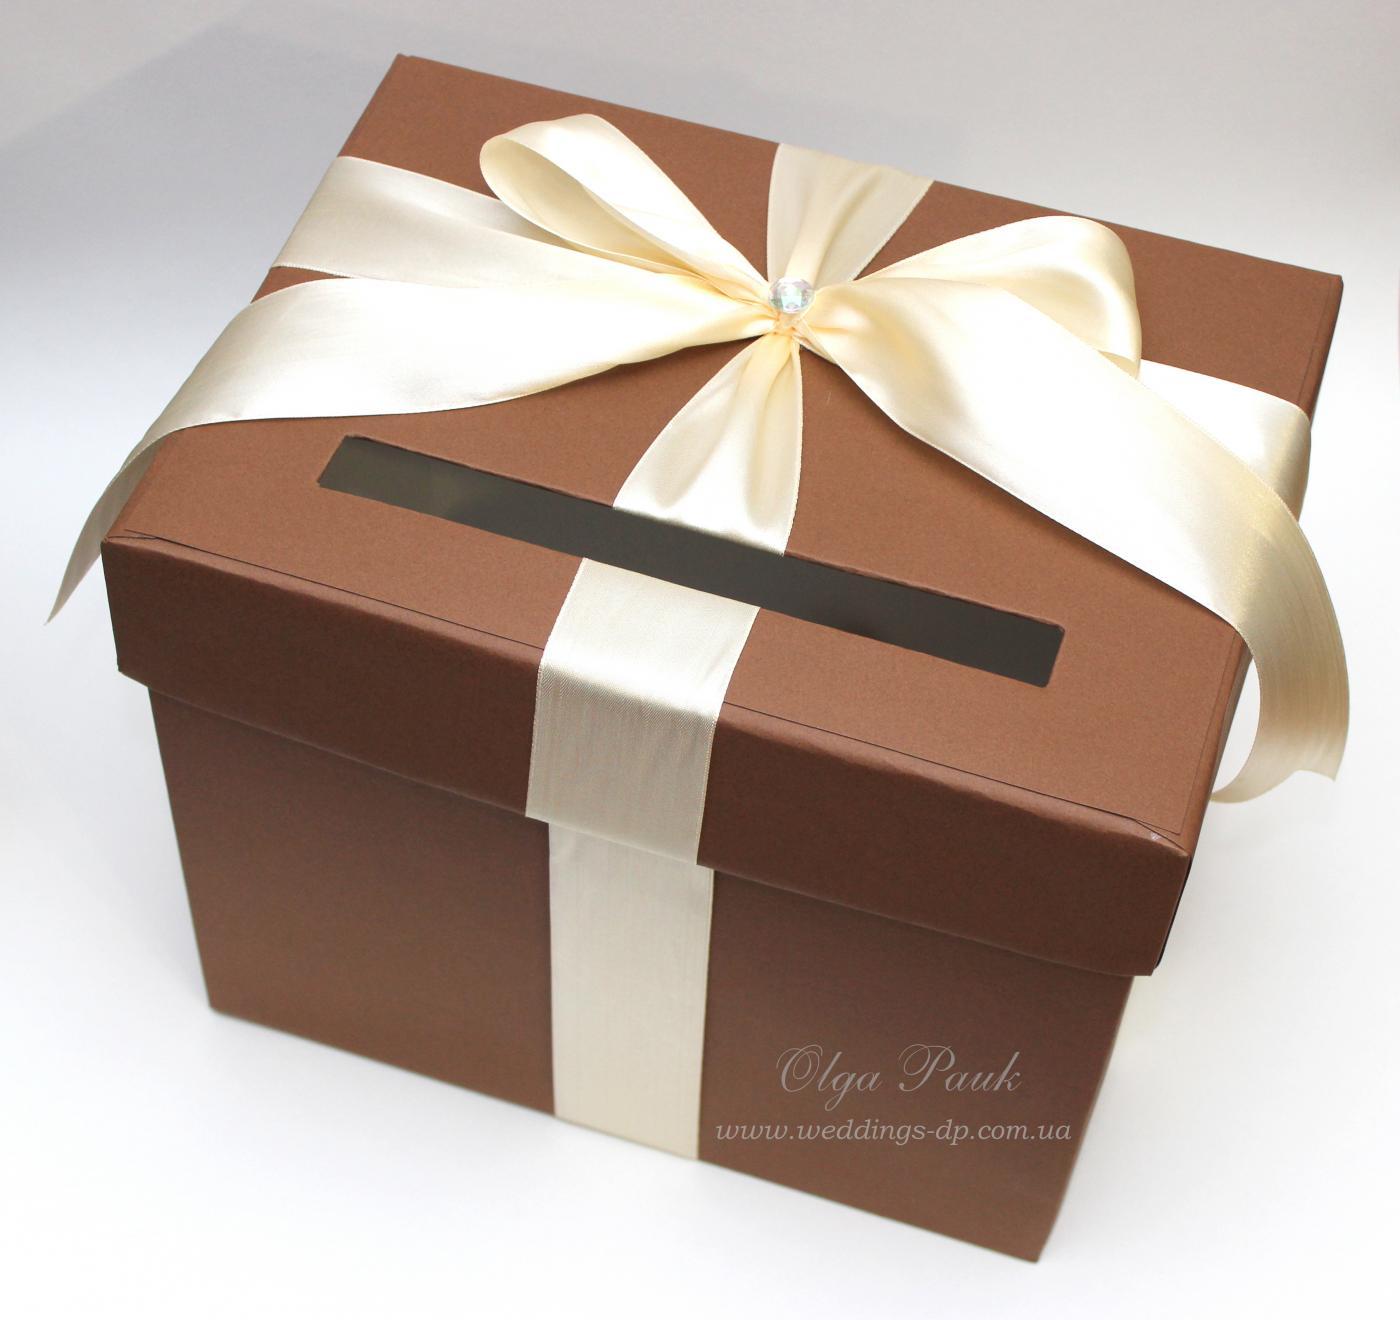 Как украсить коробку на свадьбу своими руками 795